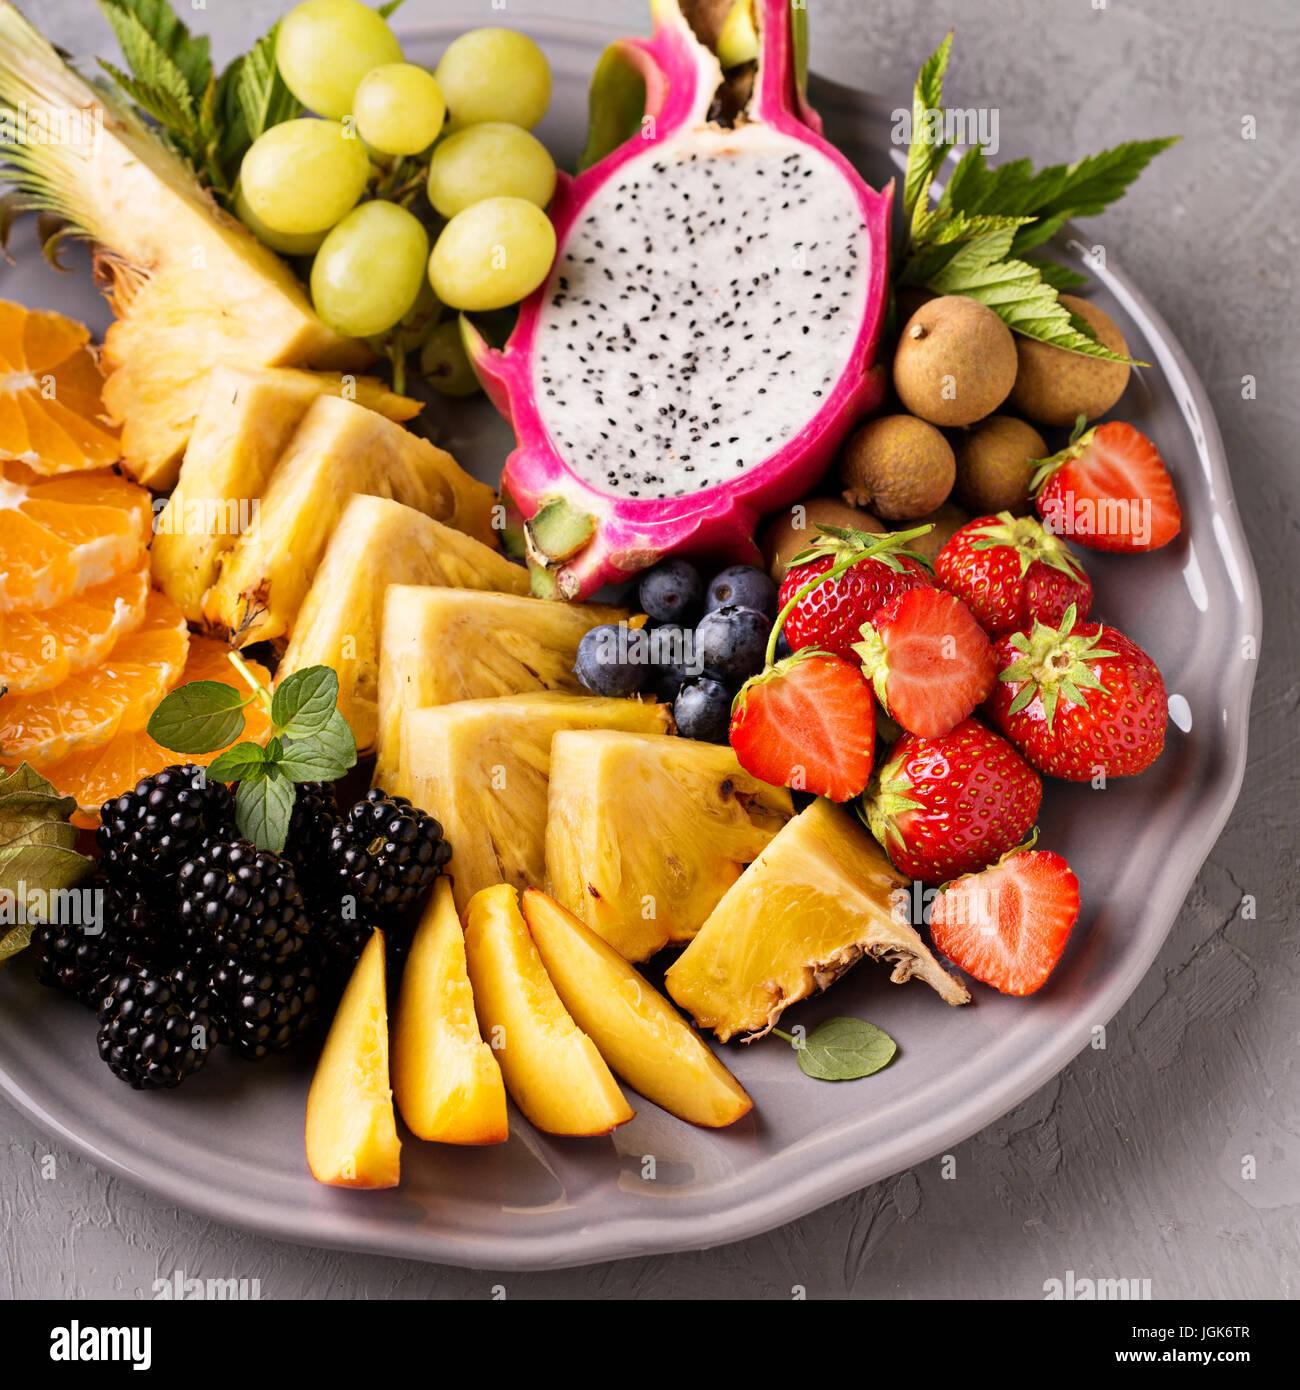 Sur un plateau de fruits exotiques Photo Stock